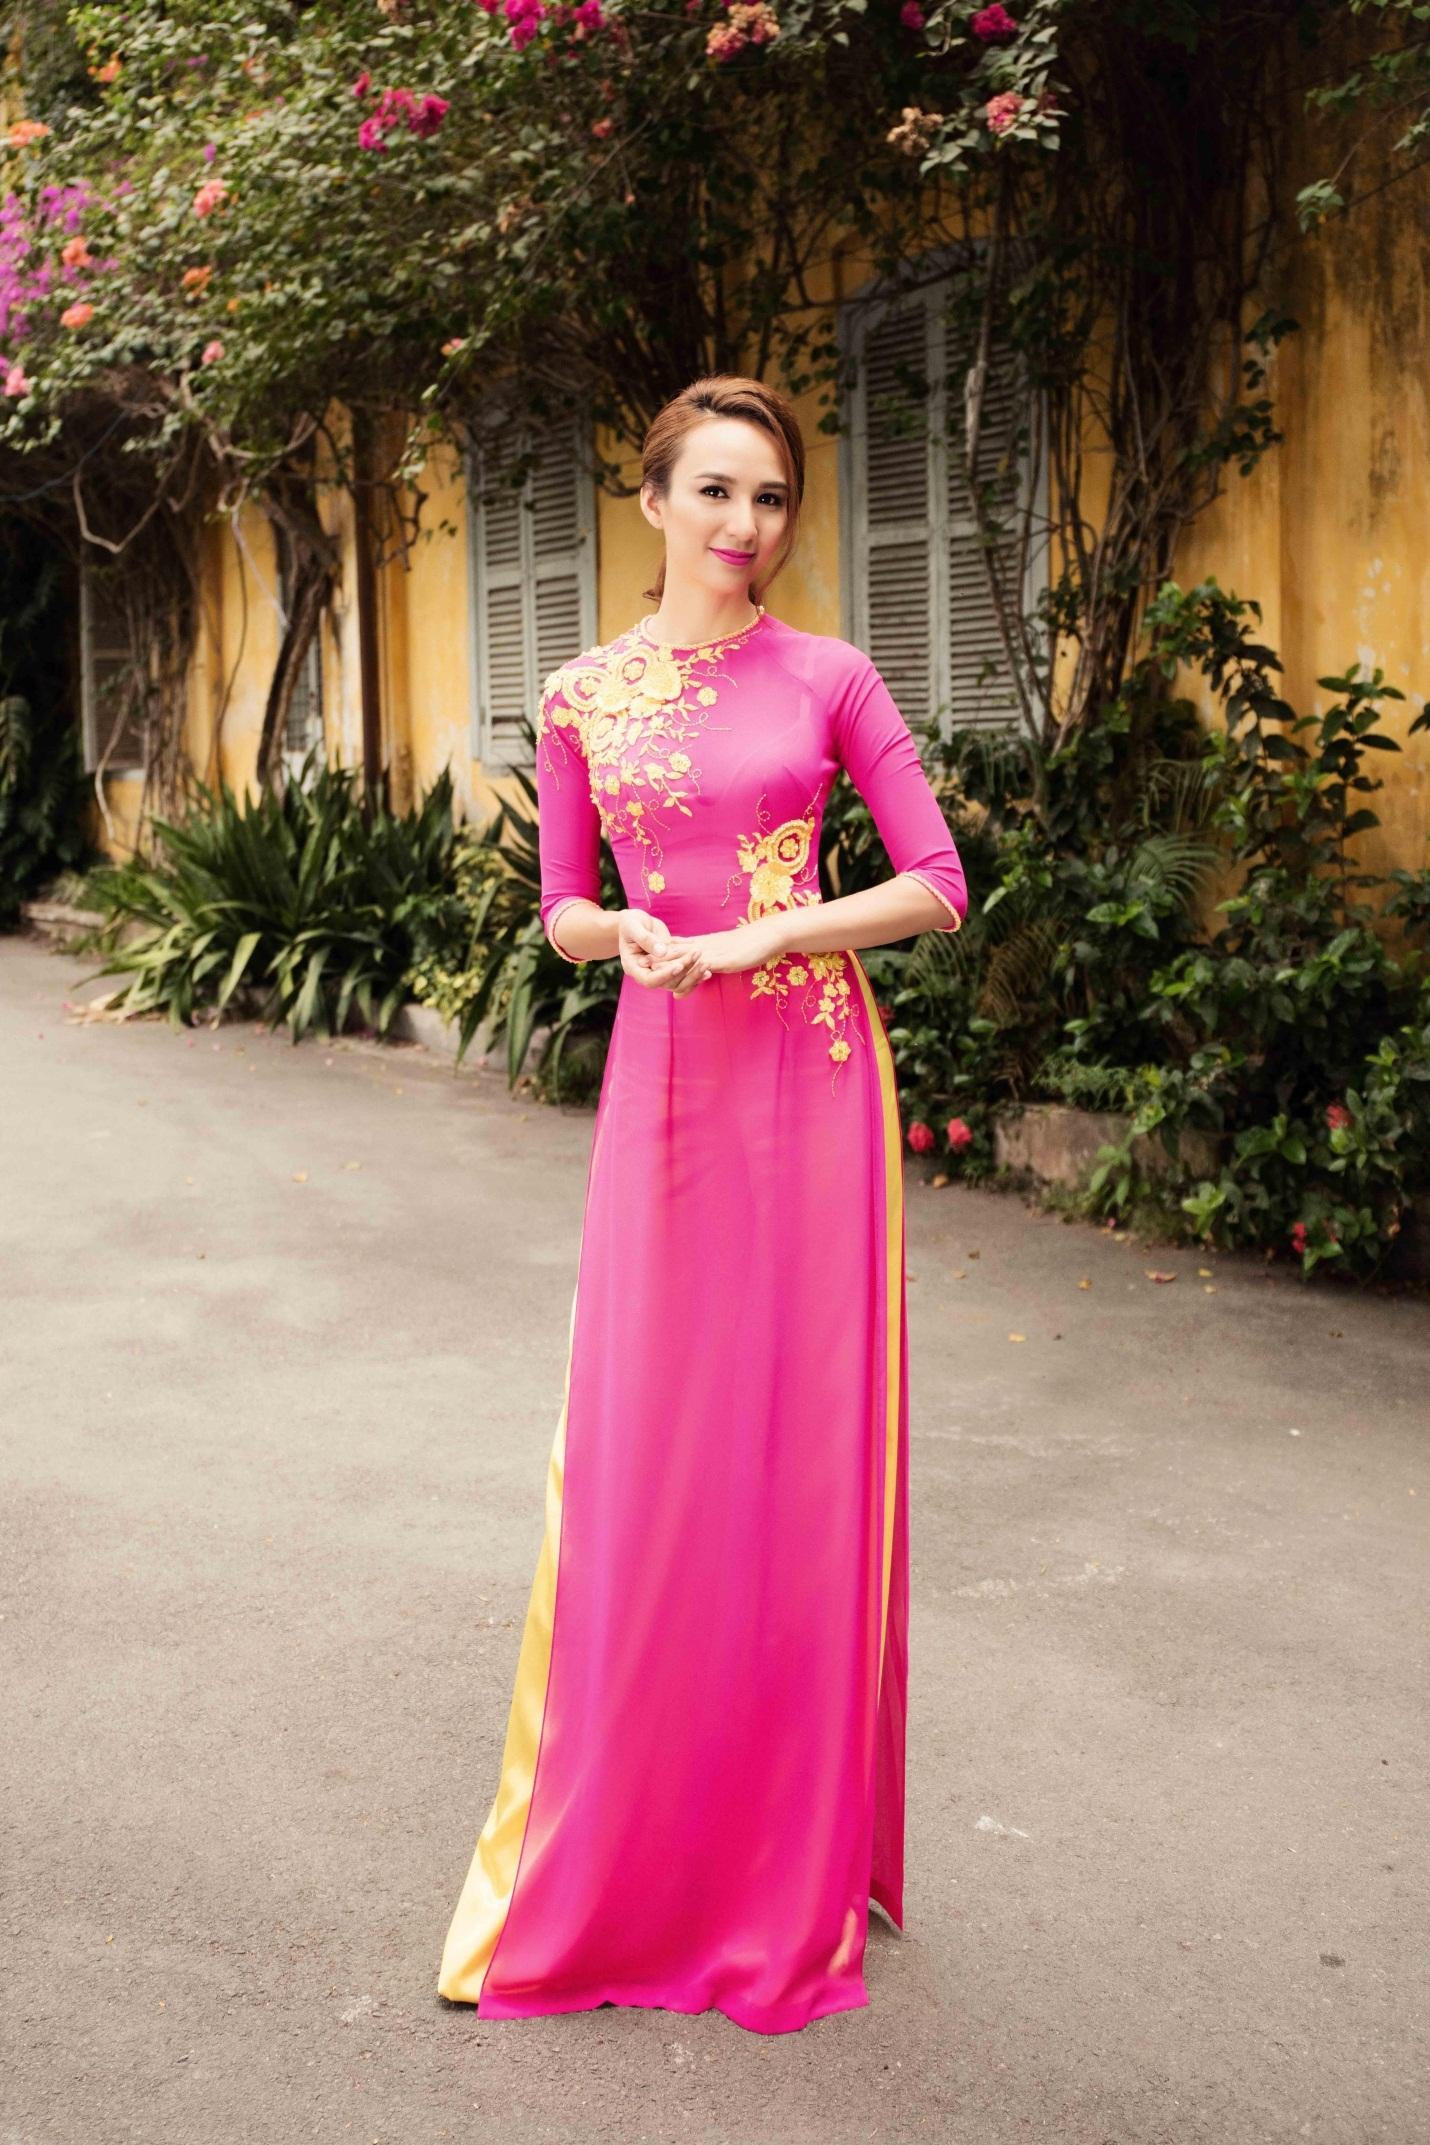 Hoa hậu Du lịch Ngọc Diễm duyên dáng trong tà áo dài - 2